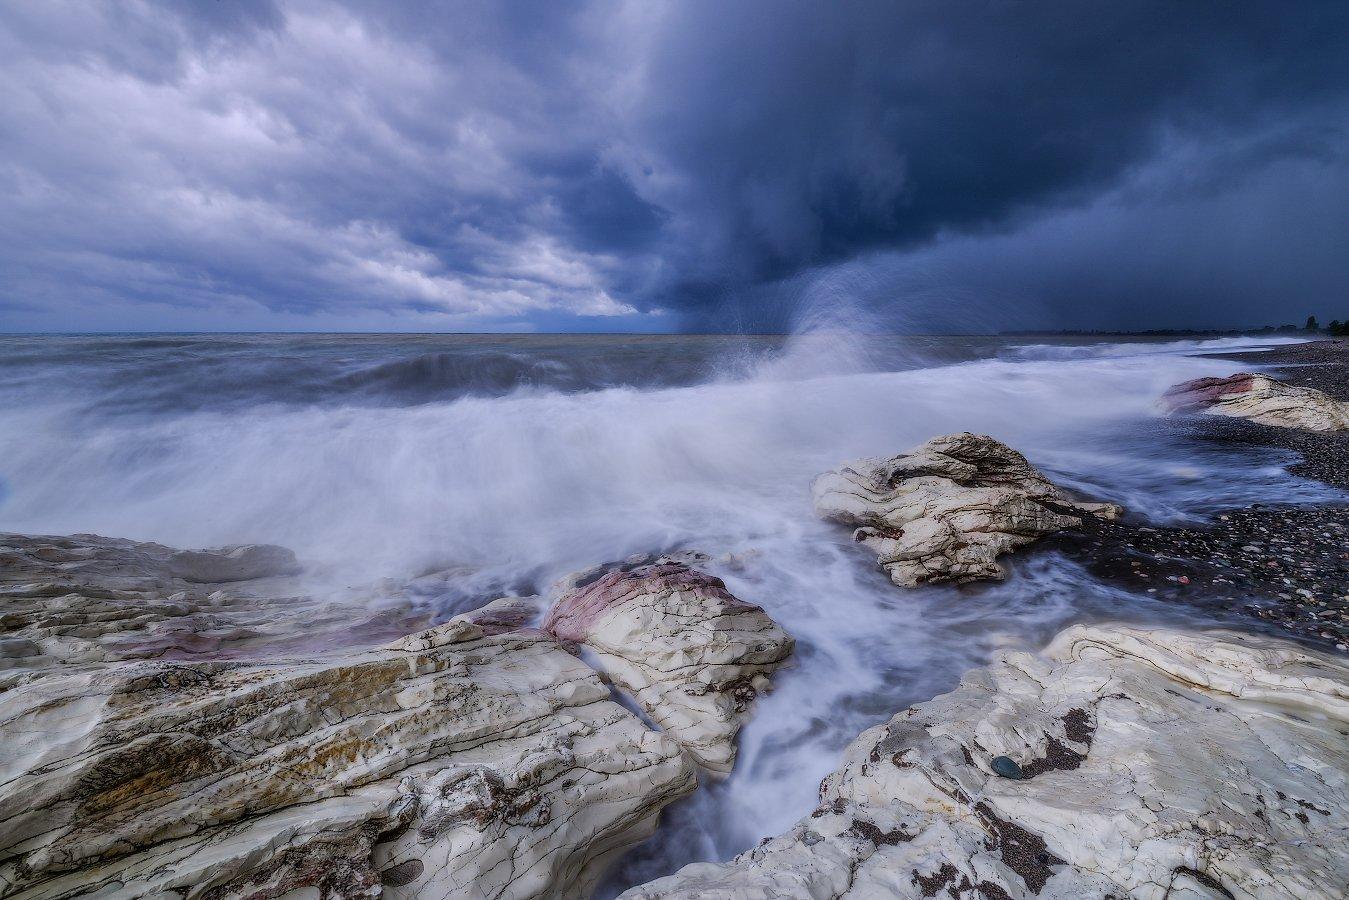 Абхазия, Белая скала, Черное море, Роман Горячий